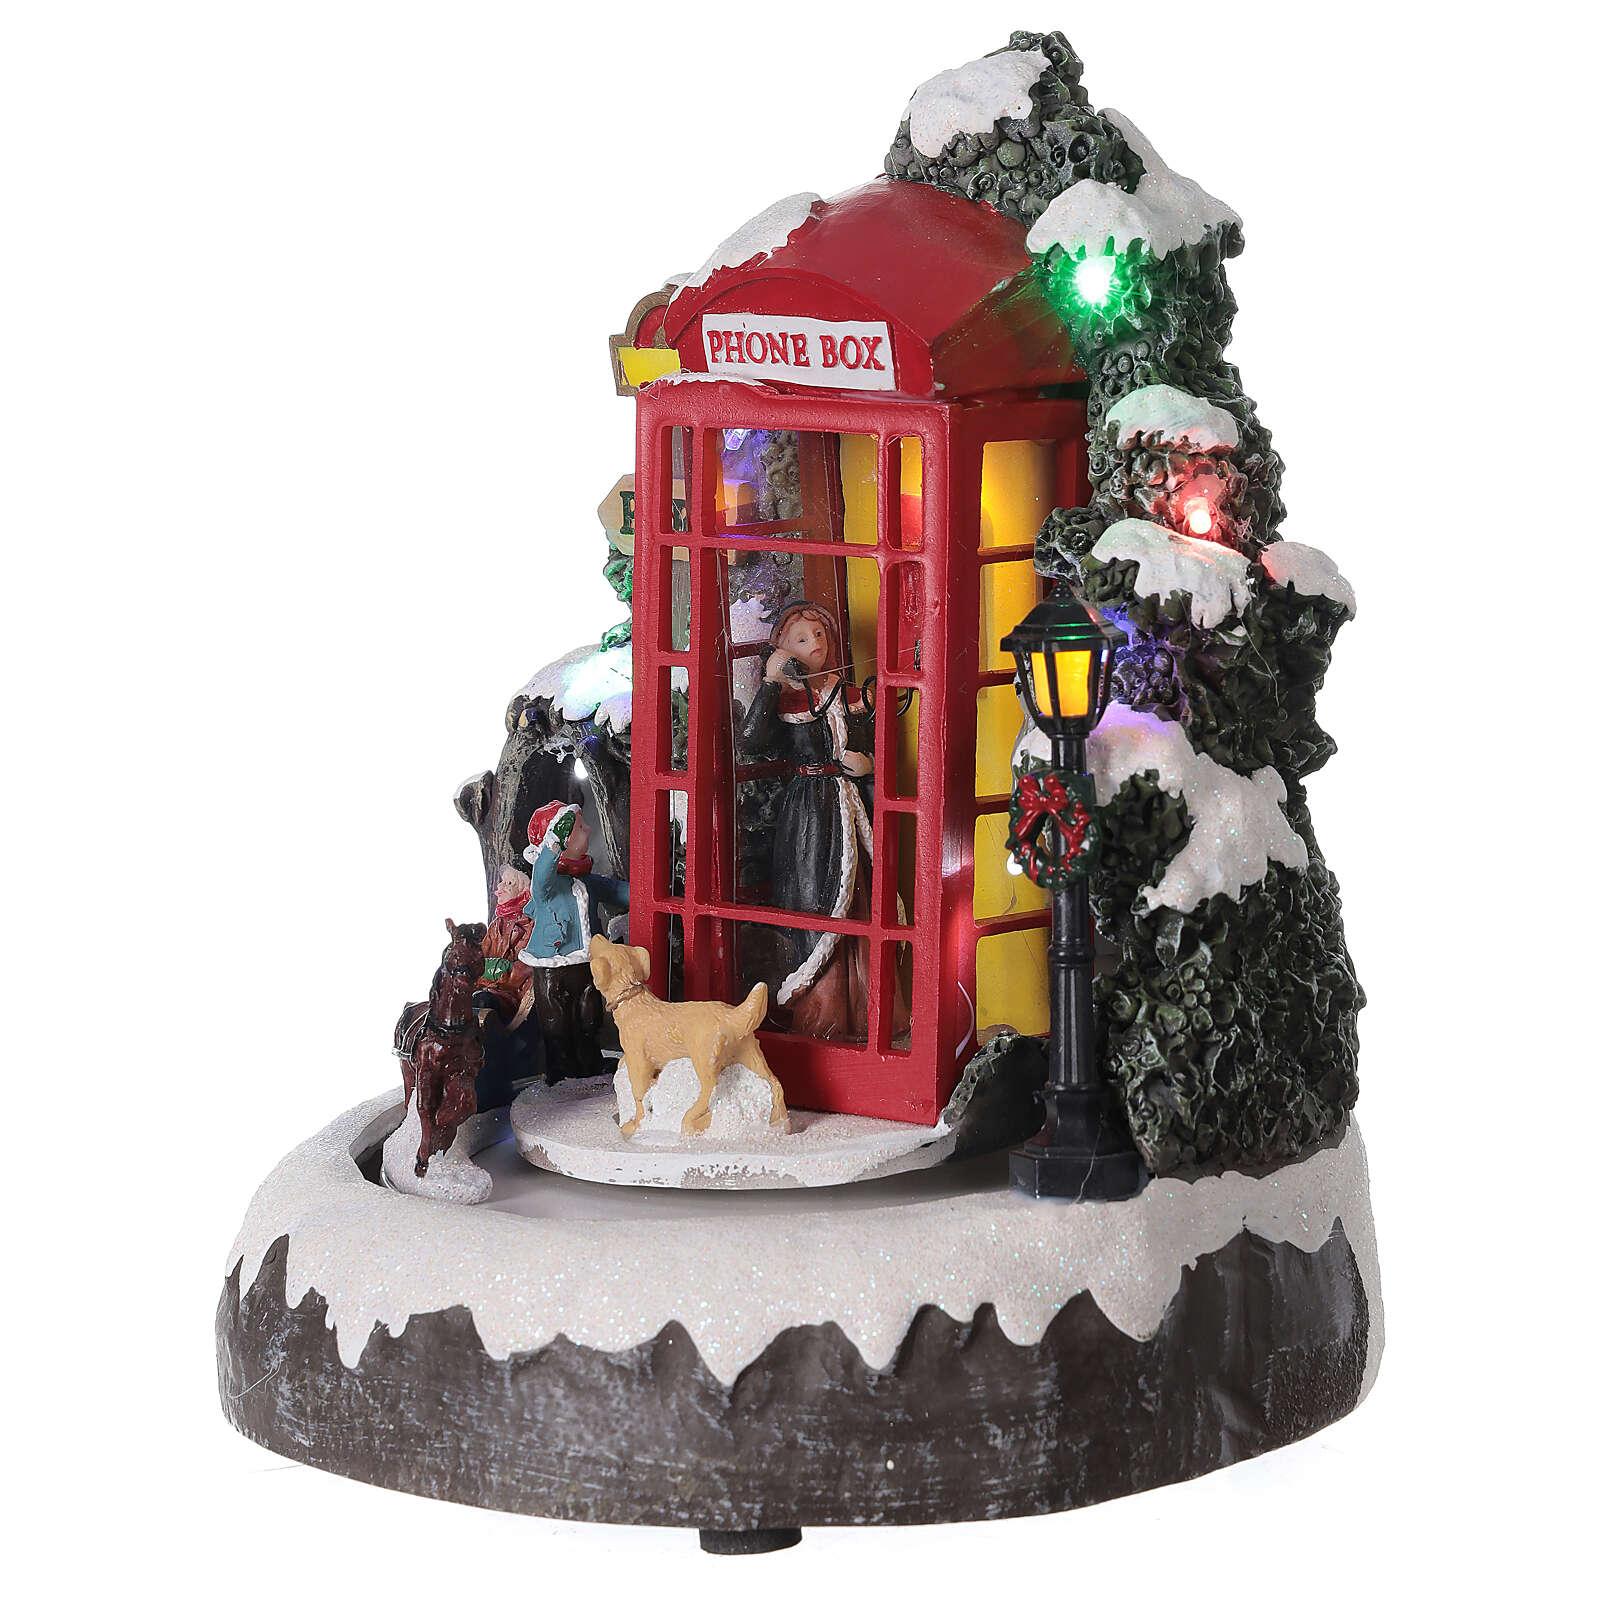 Cabine téléphonique anglaise famille carrosse lumières musique 20x20x20 cm 3